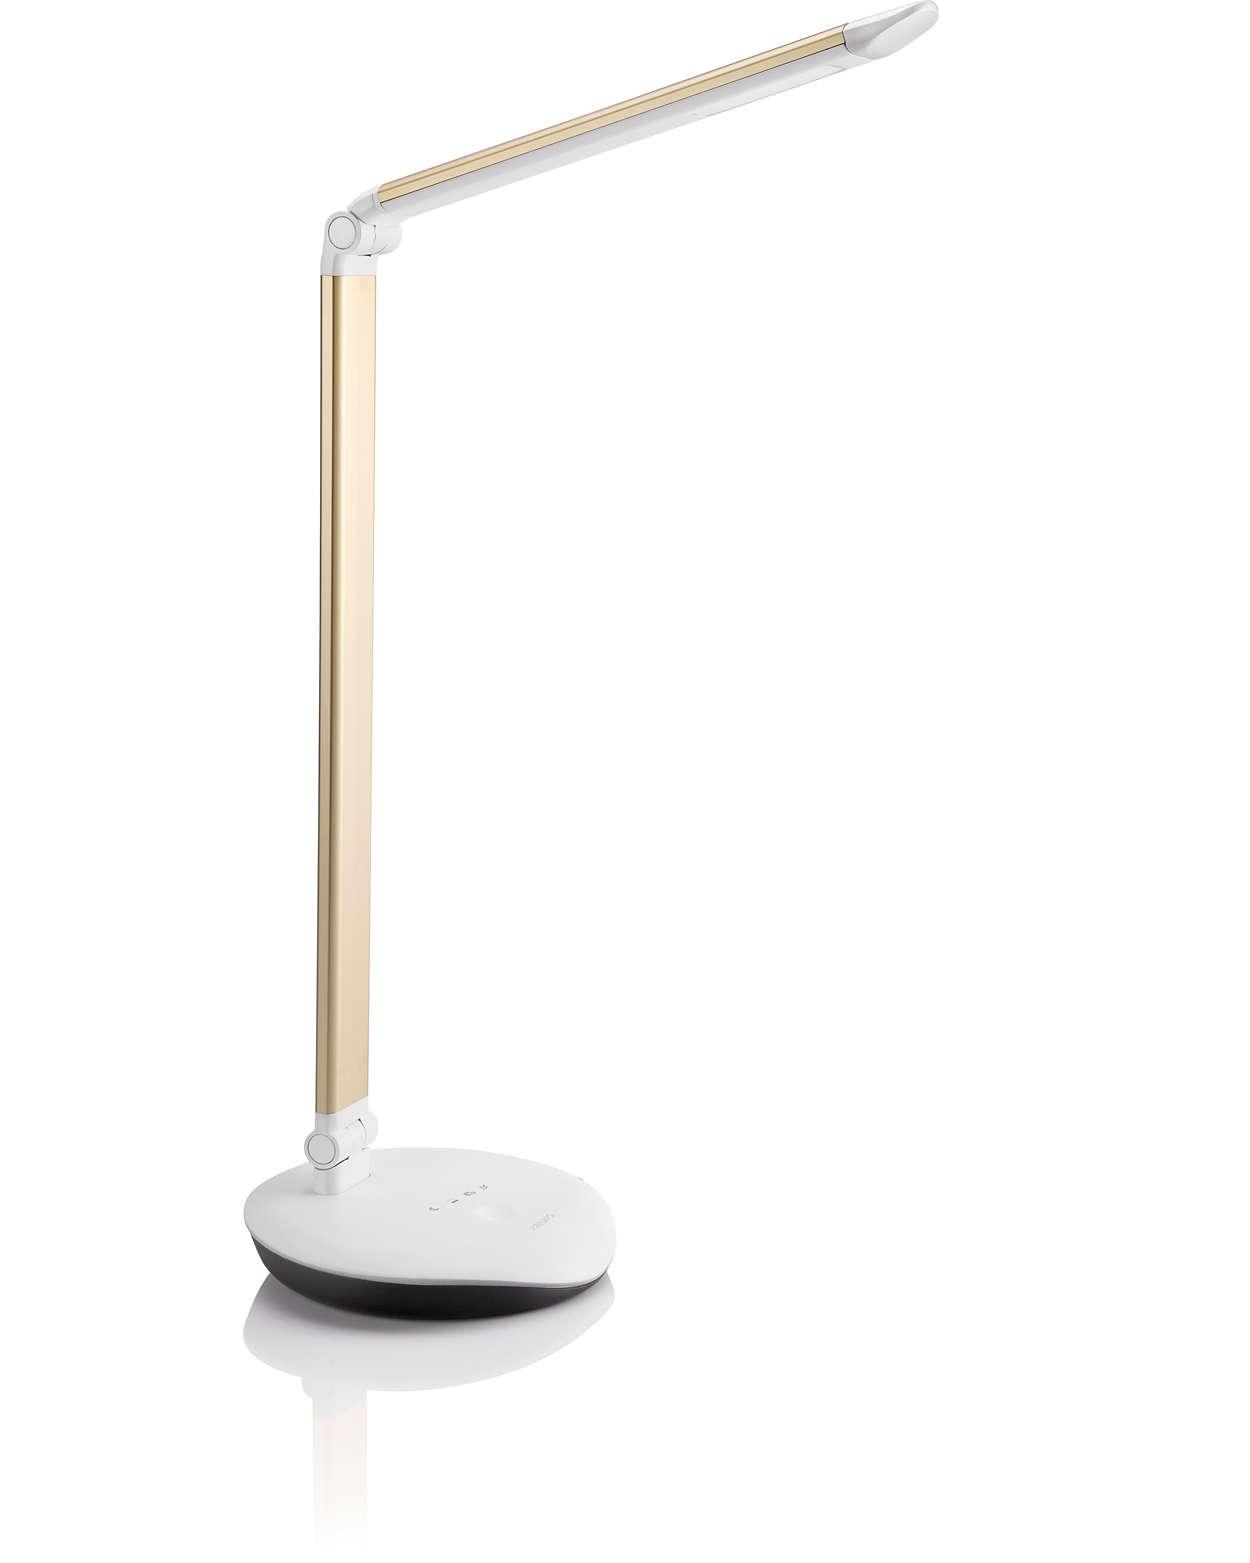 可靠的檯燈